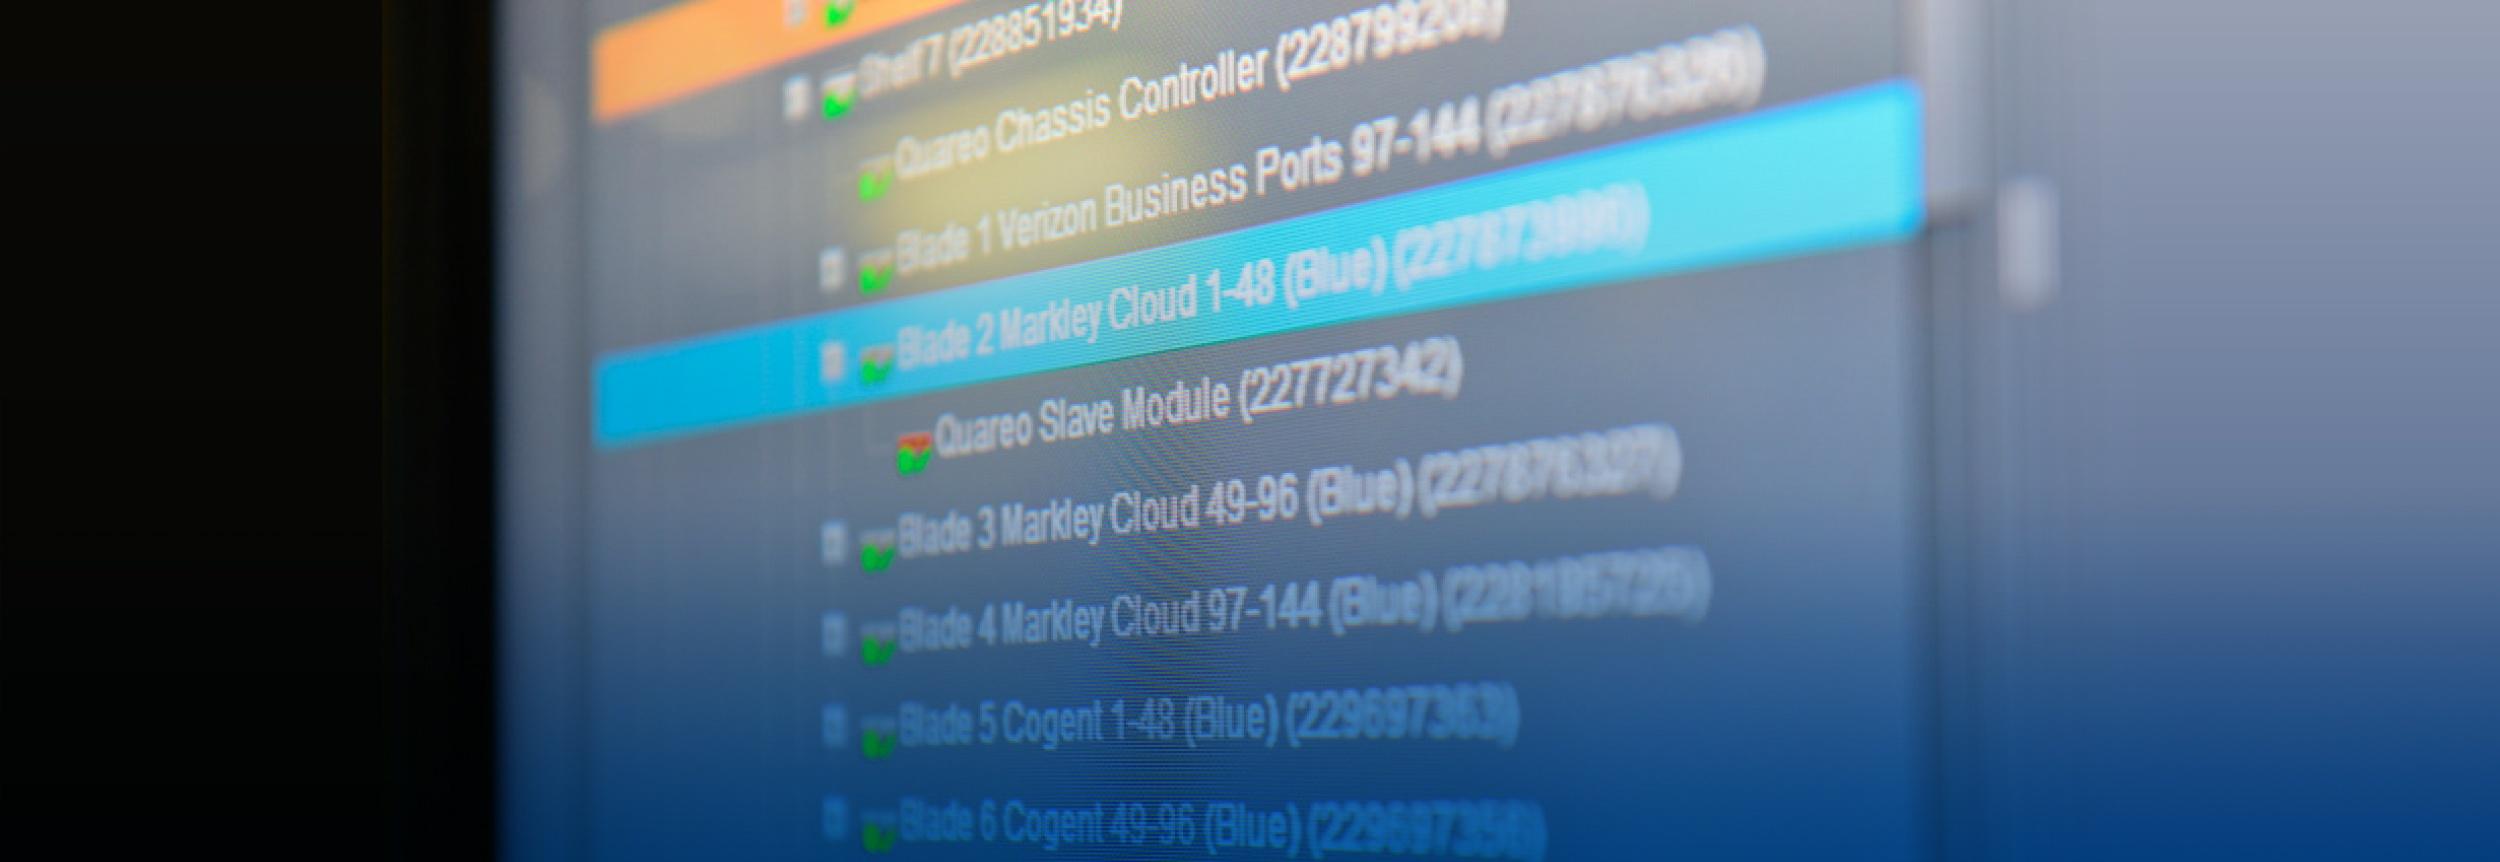 Cloud_Hero.jpg